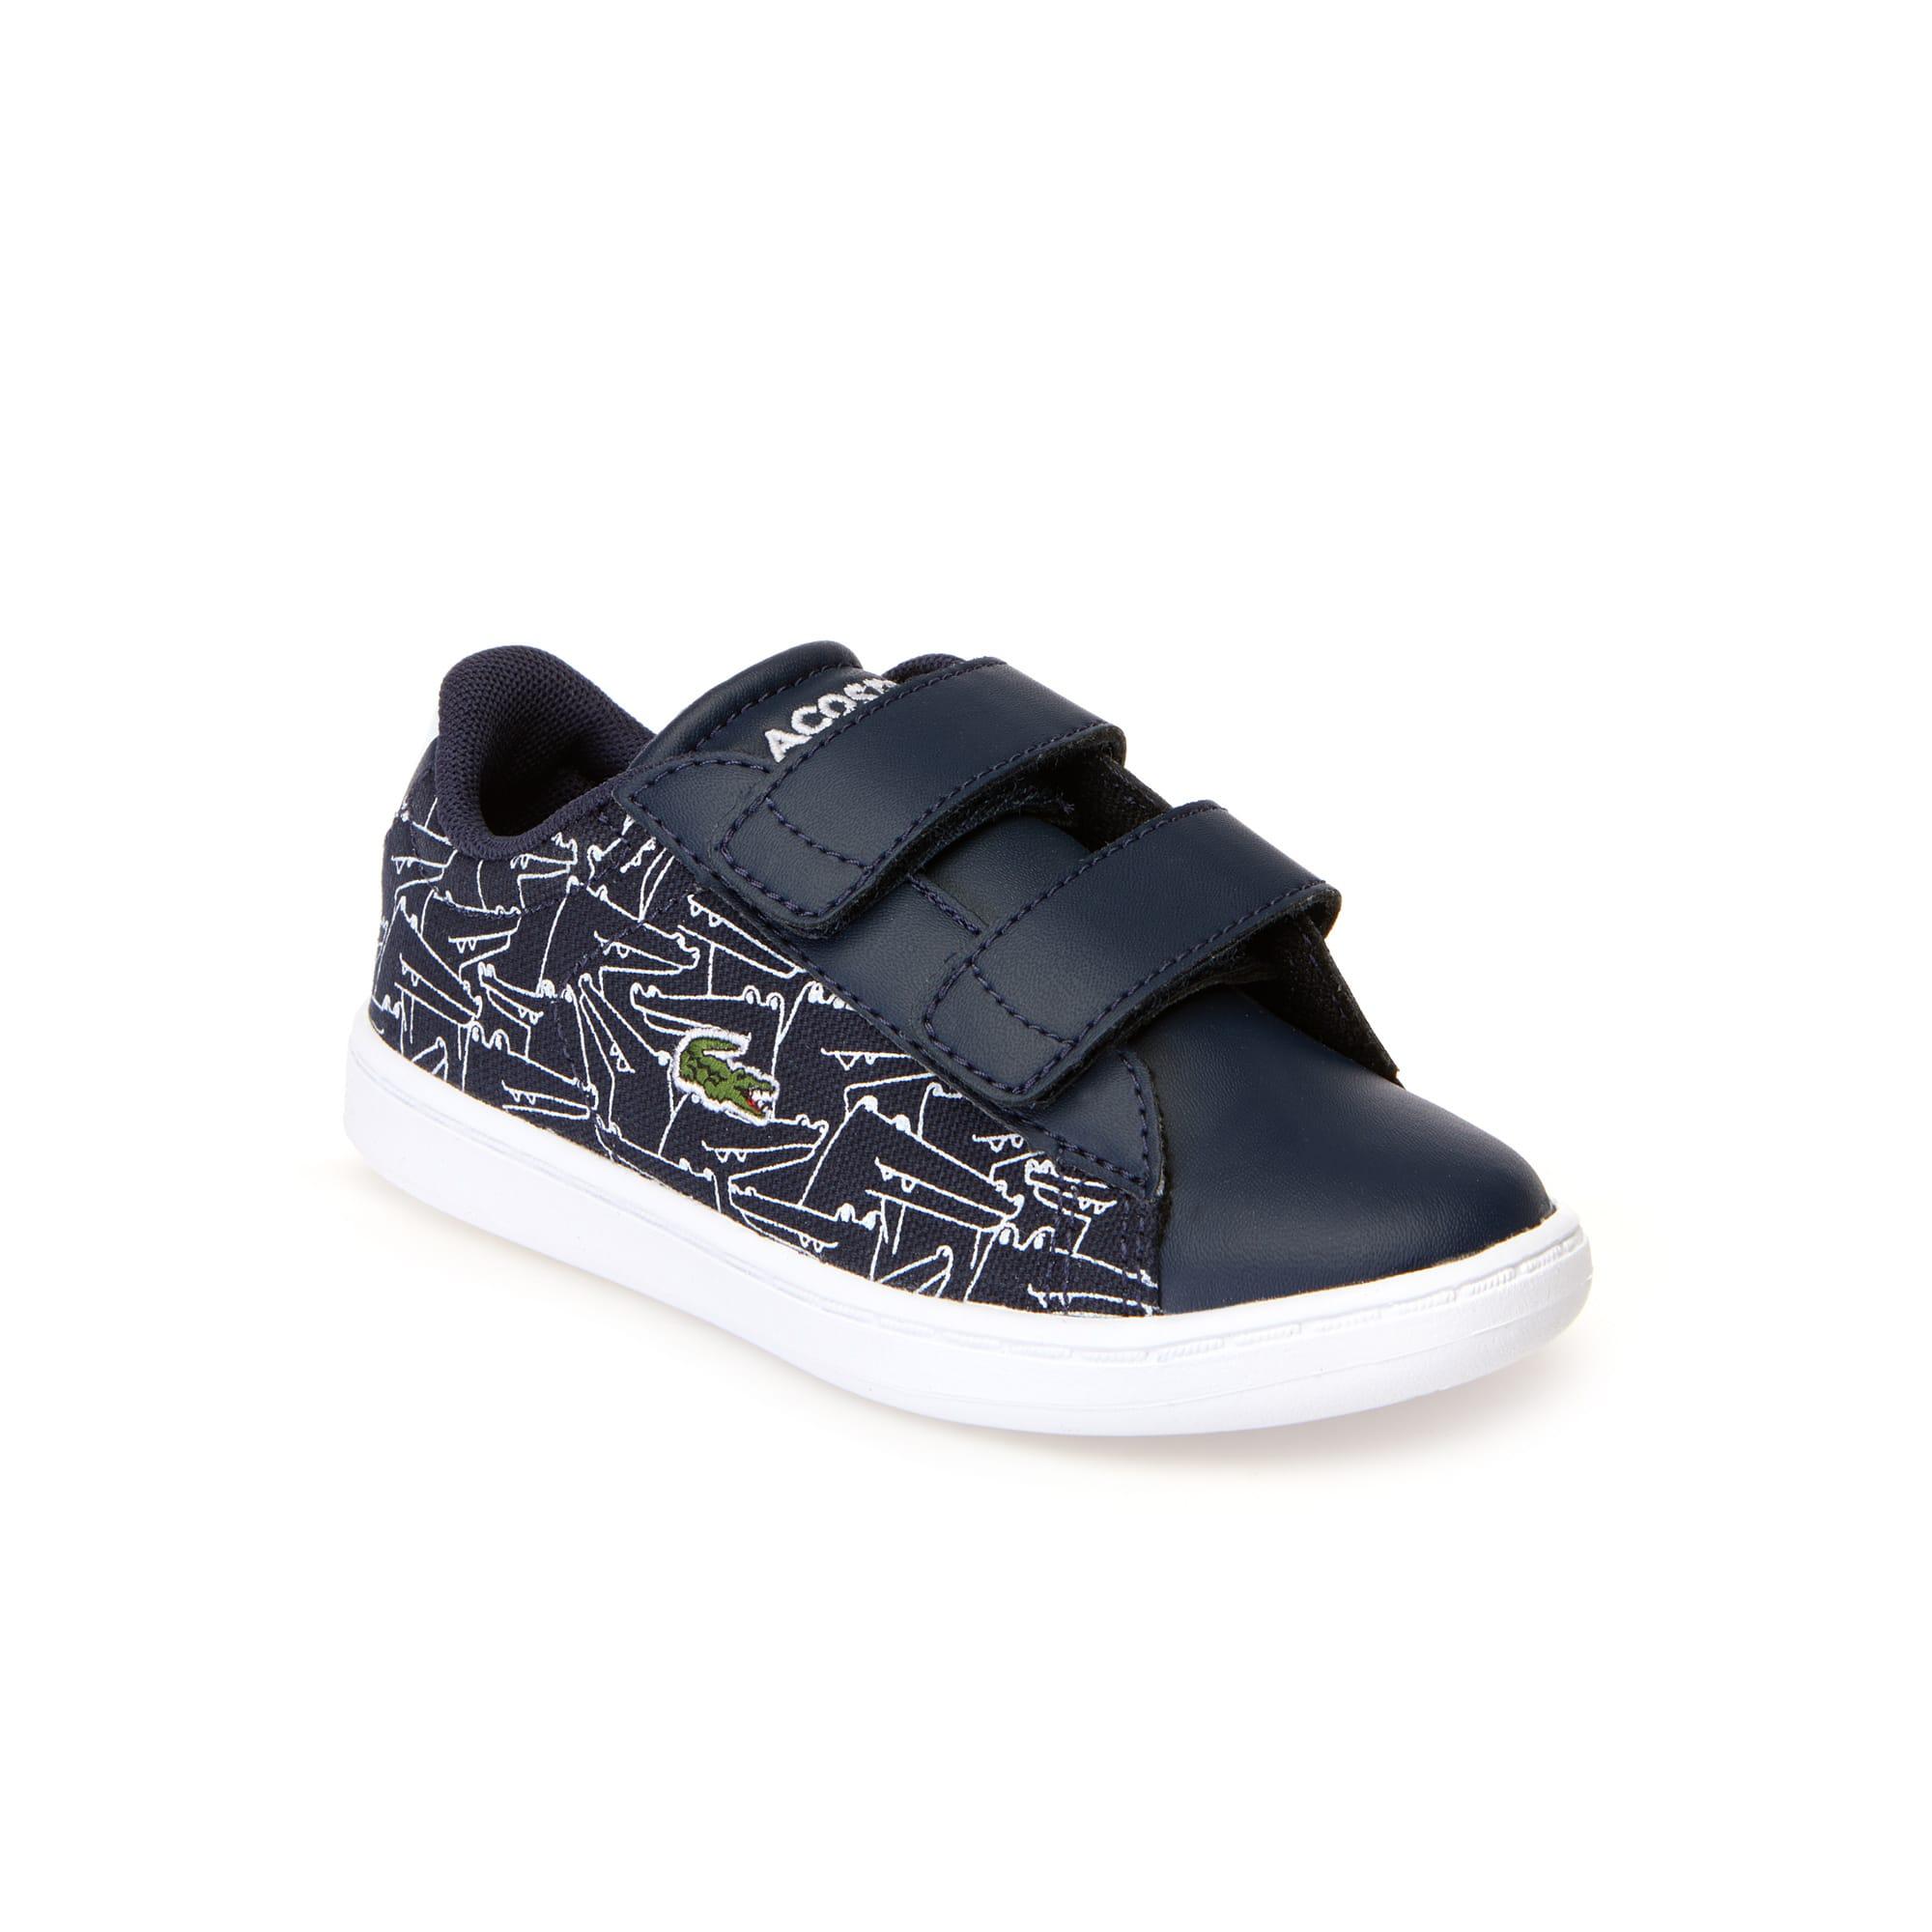 حذاء رياضي من خيوط صناعية وقماش الكنفا من مجموعة Carnaby Evo للأطفال الرضع